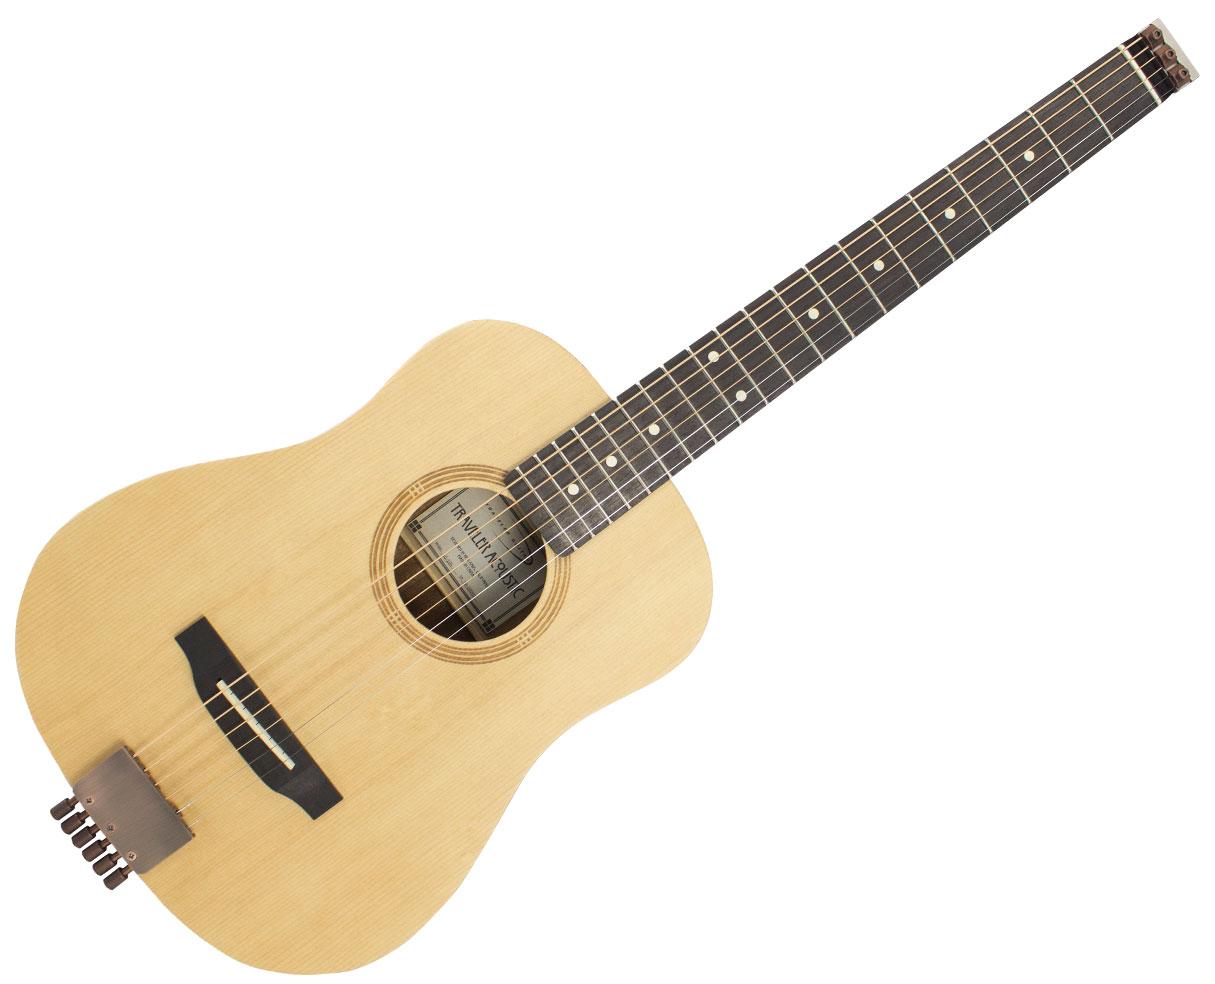 traveler guitar ag 105 traveler acoustic guitar ebay. Black Bedroom Furniture Sets. Home Design Ideas